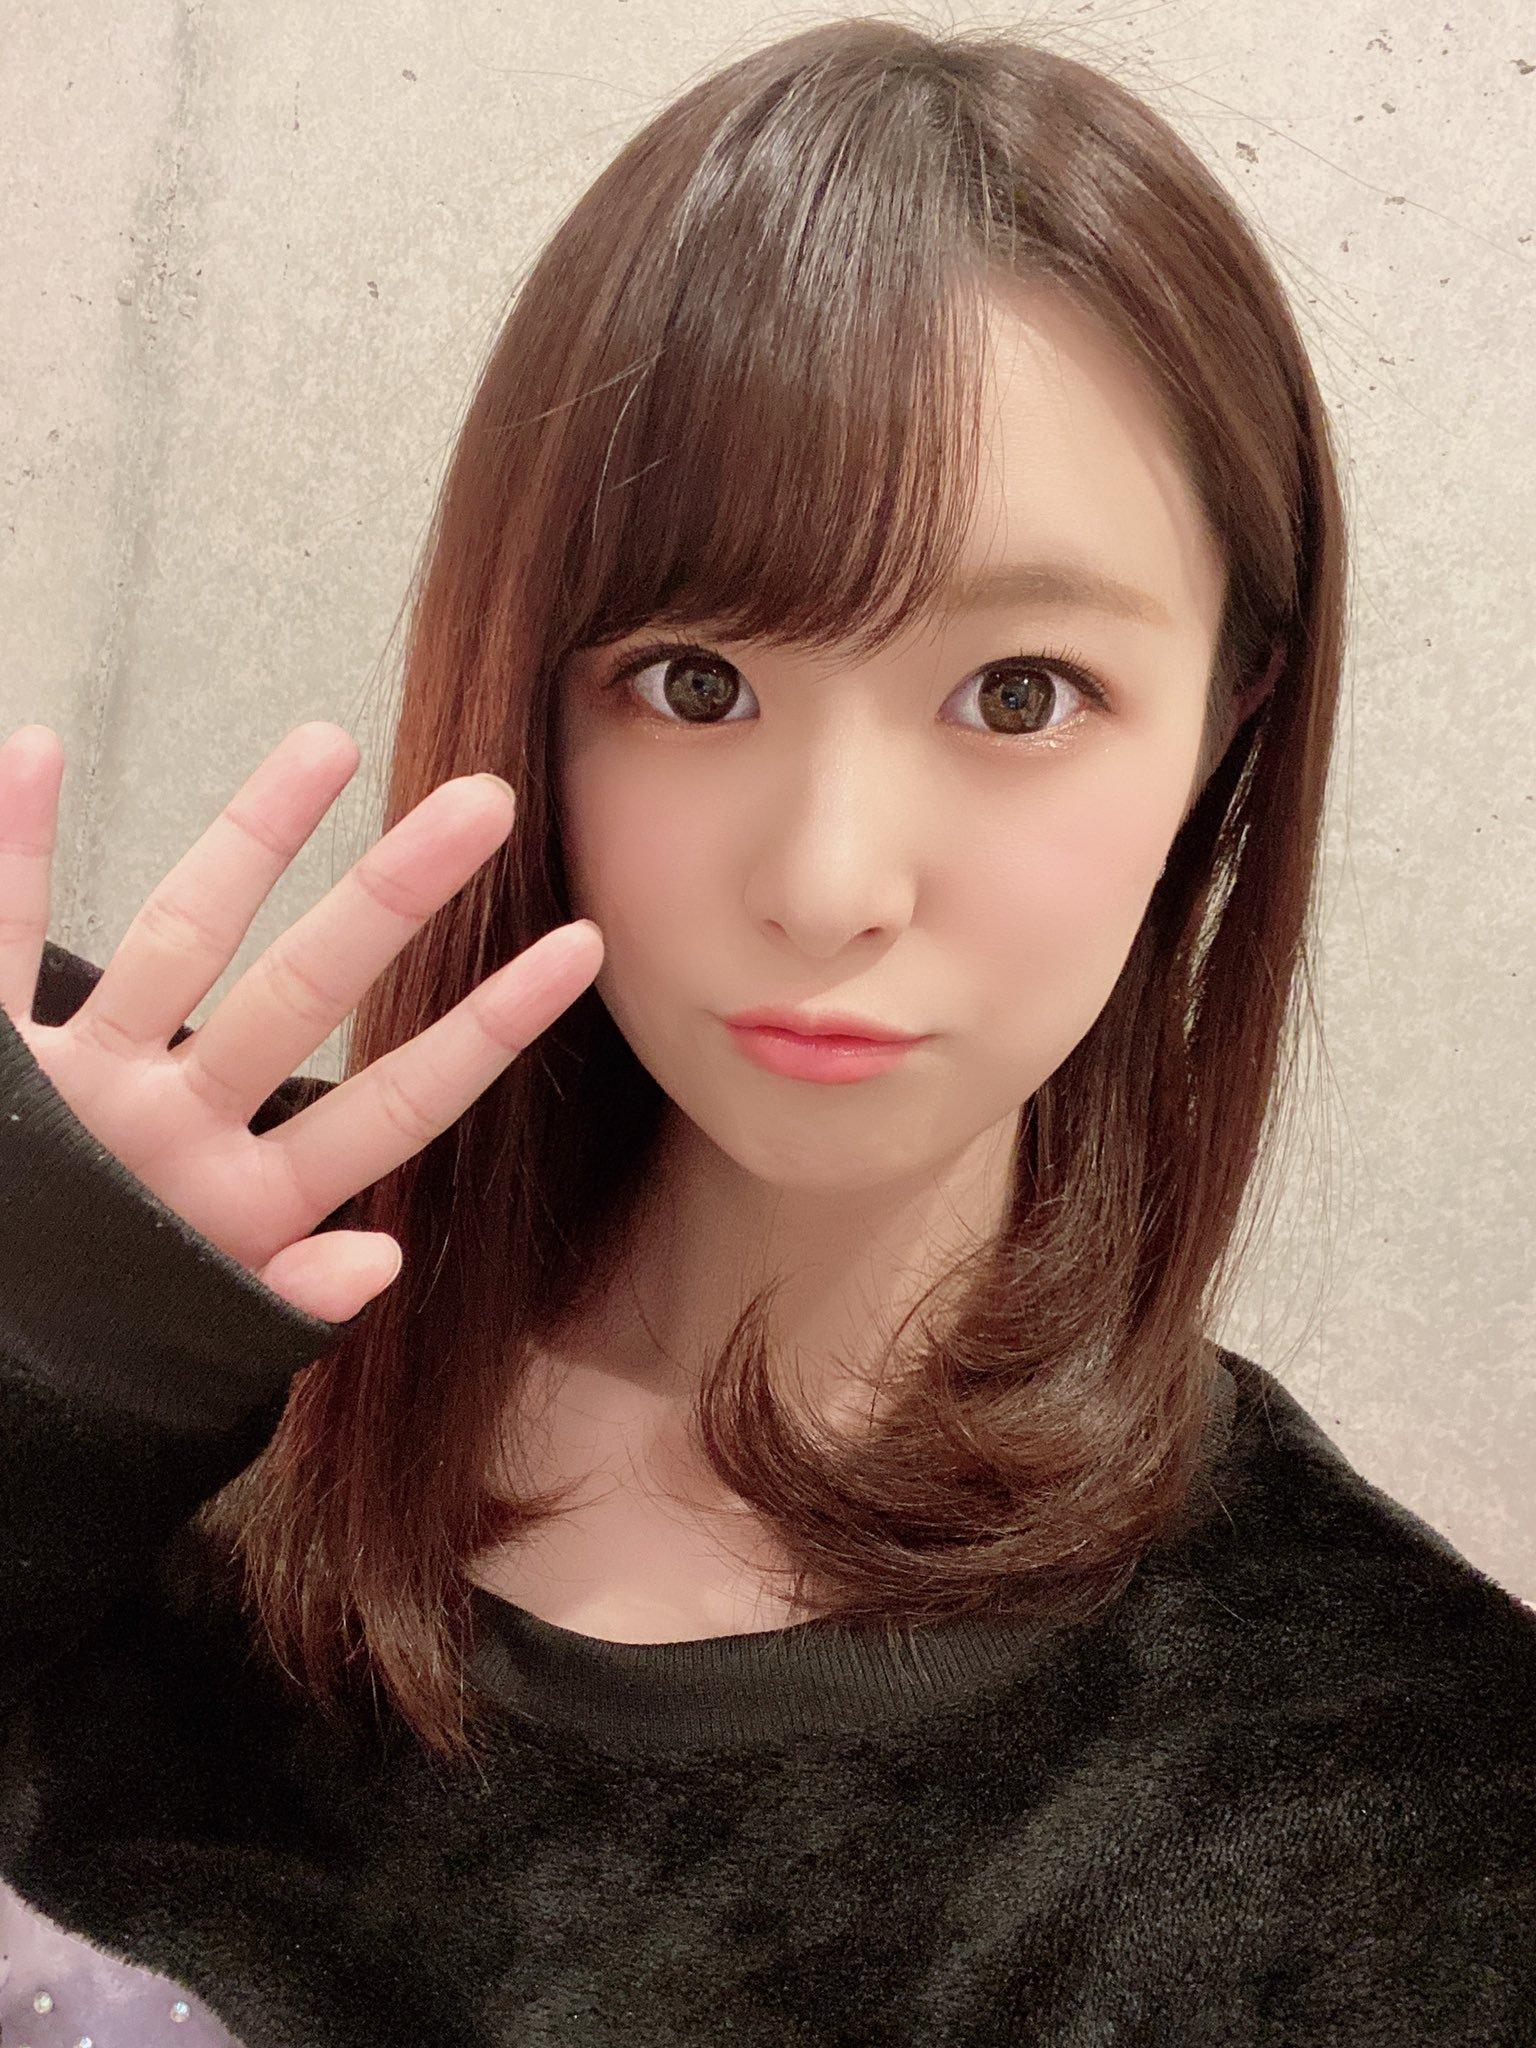 hikari_ninoheee 1250781756162072579_p0